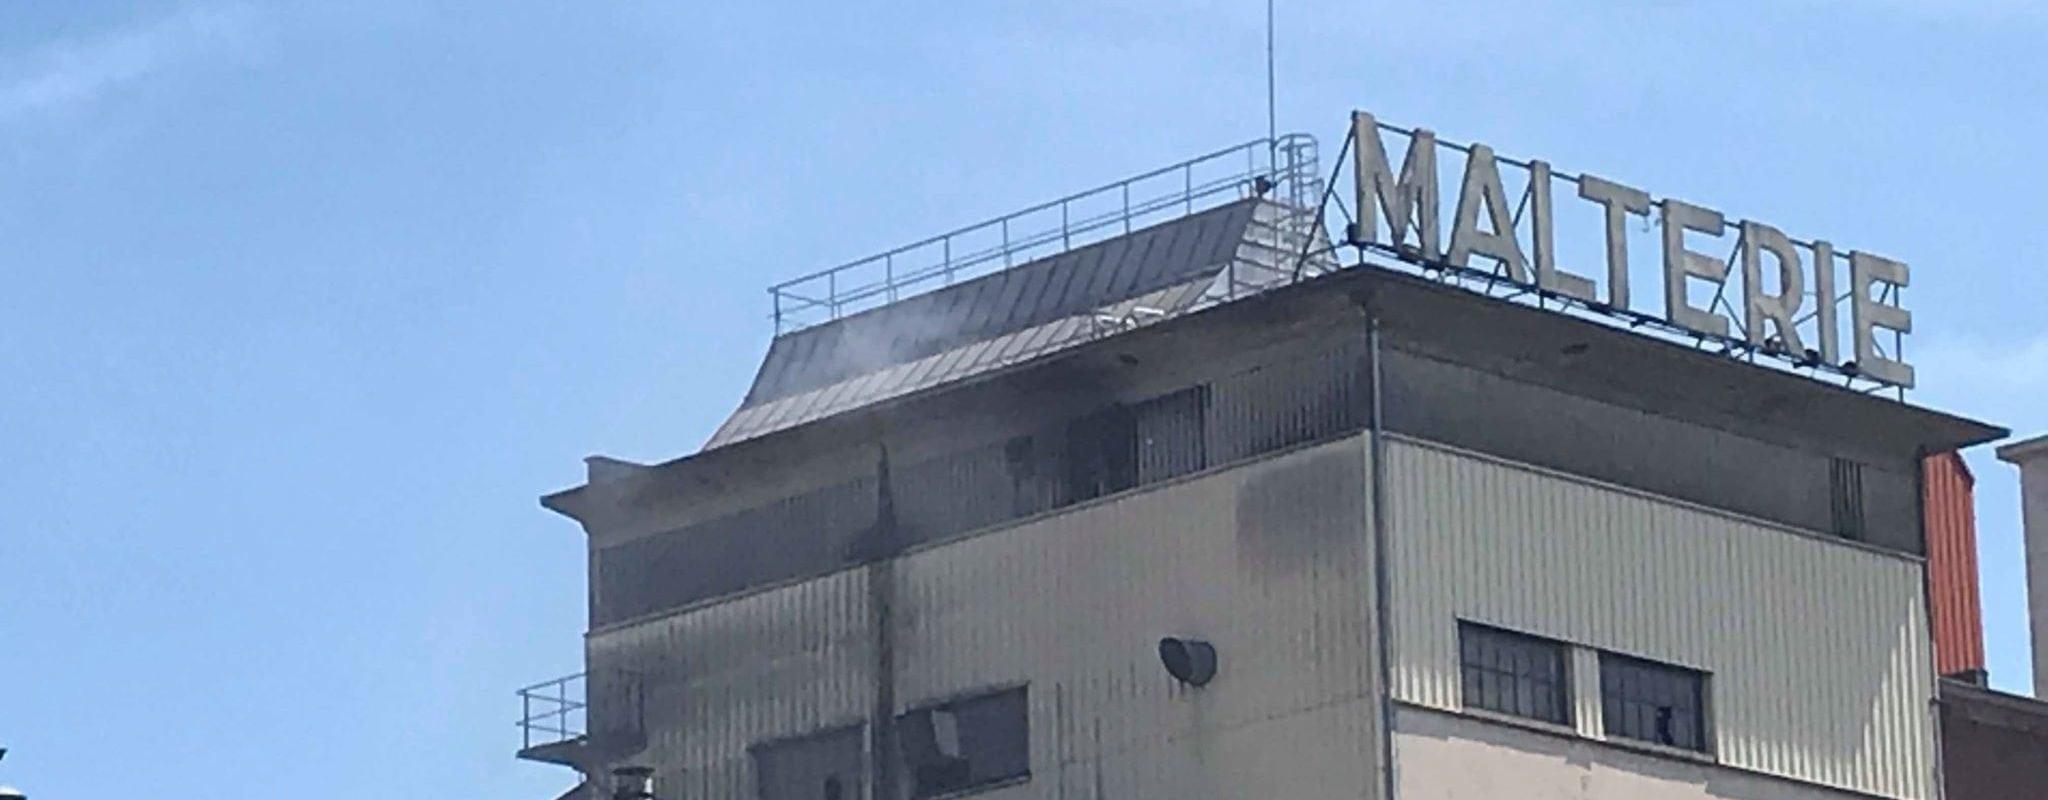 Un incendie sans blessés à la malterie du Port-du-Rhin